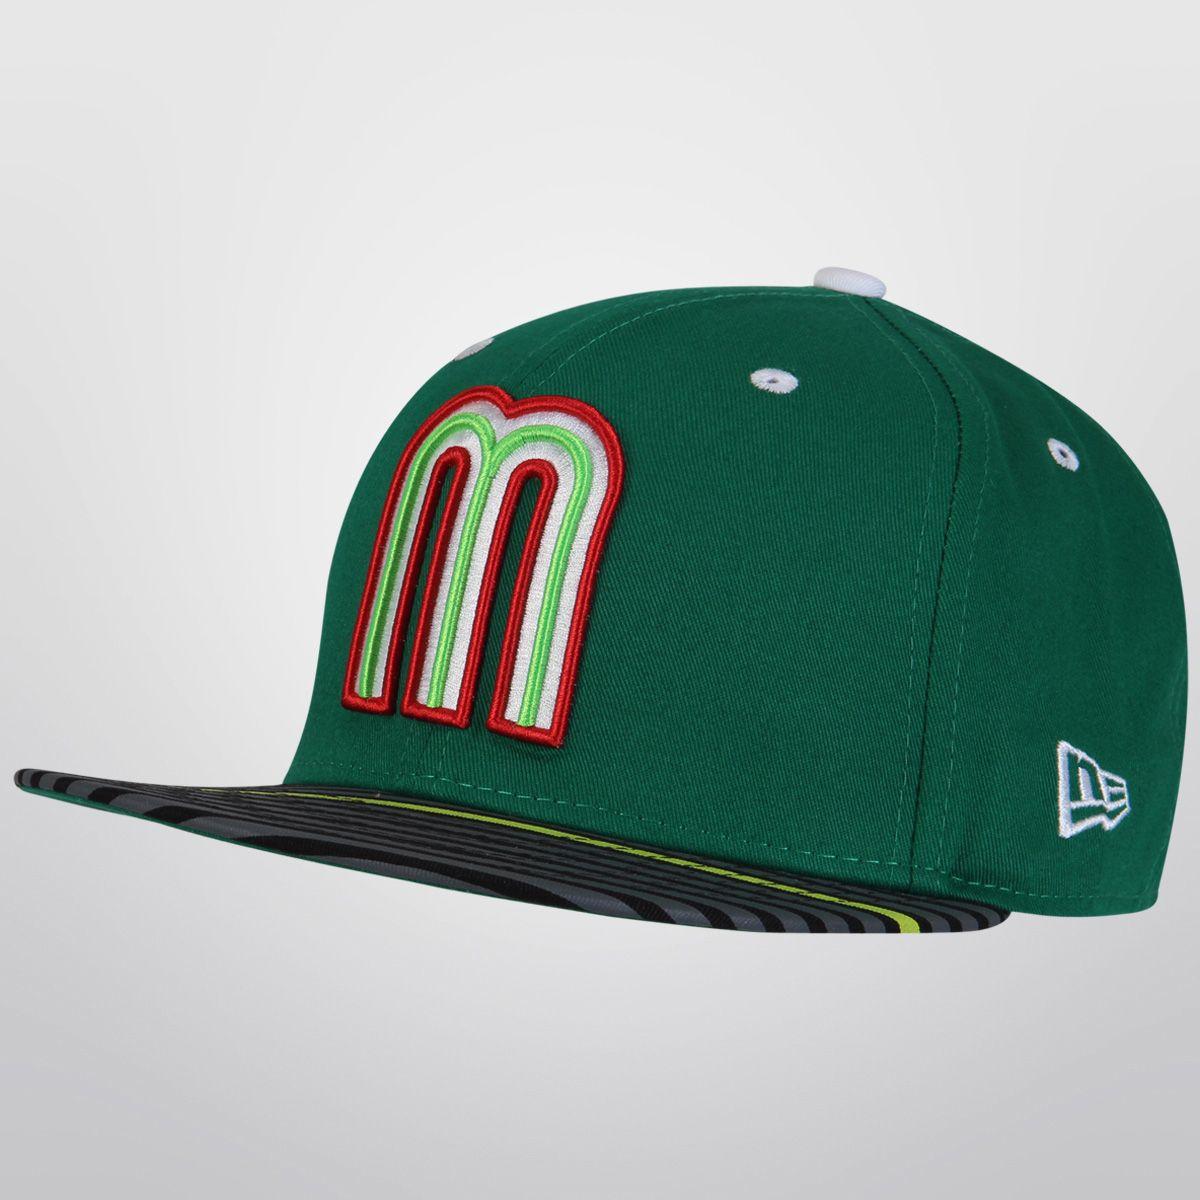 Demuestra tu afición por la selección mexicana con la Gorra New Era México  5950 Kelly Green ff3461a1816